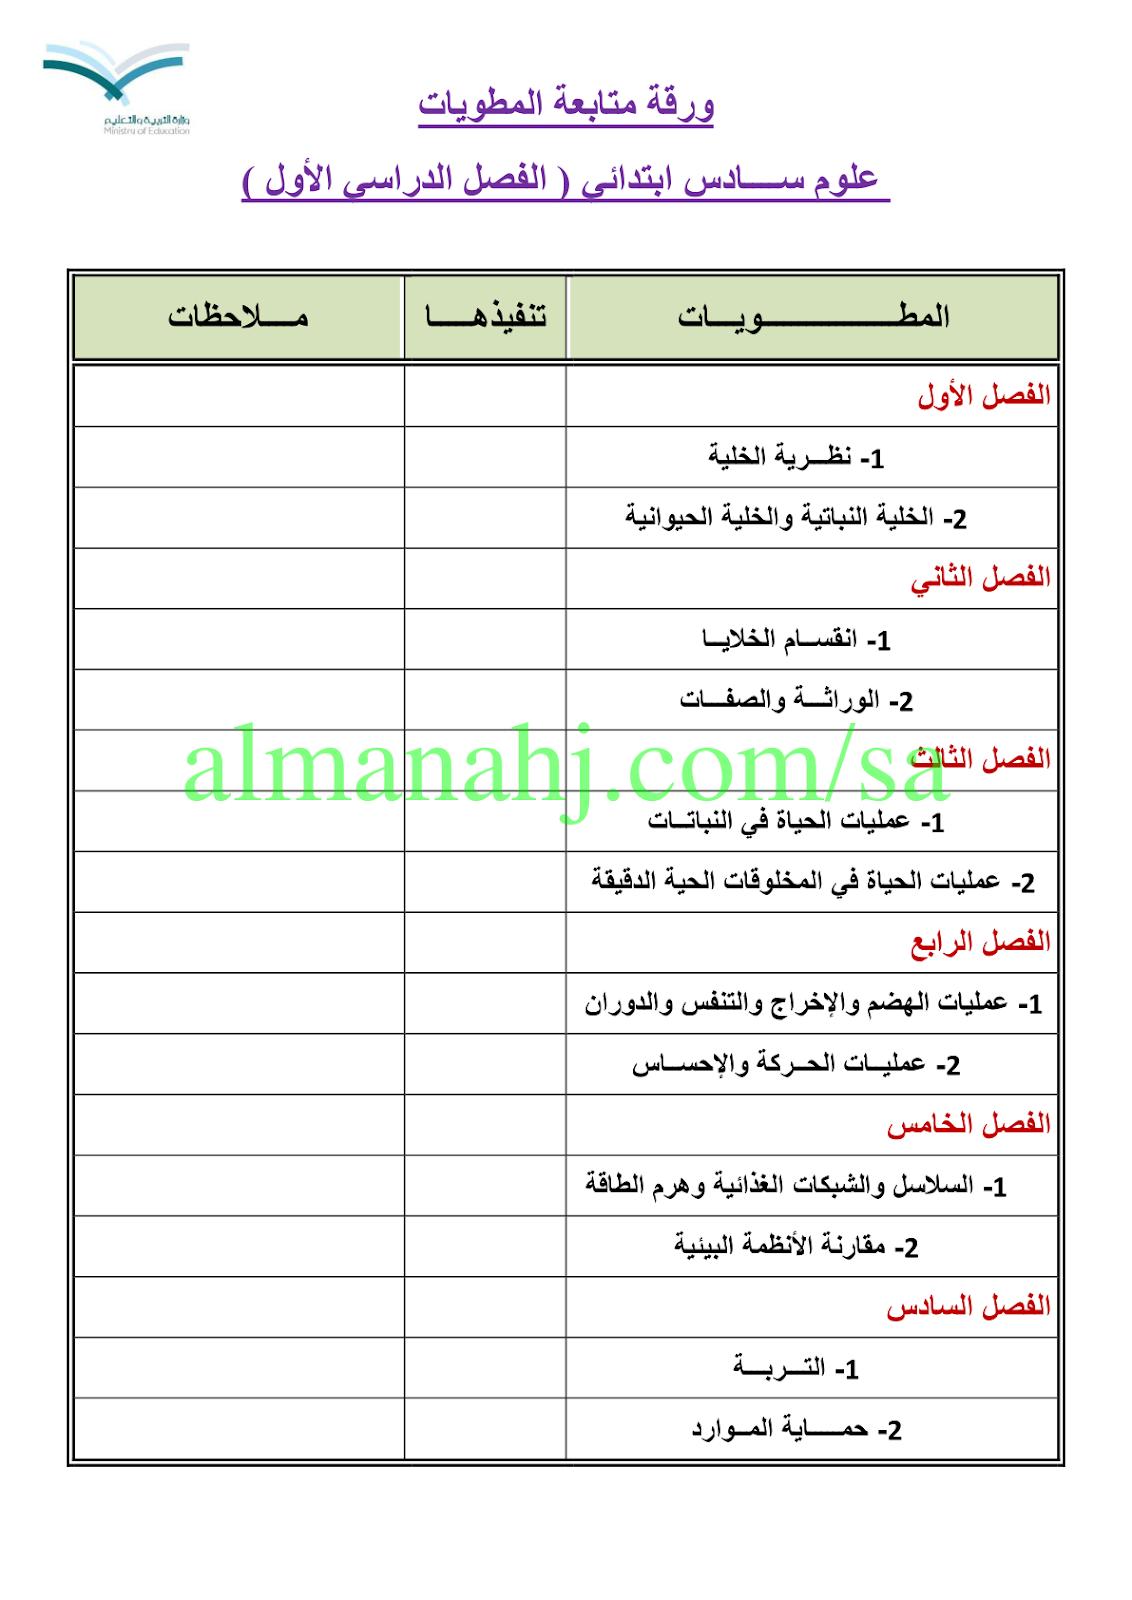 متابعة مطويات الصف السادس علوم الفصل الأول المناهج السعودية